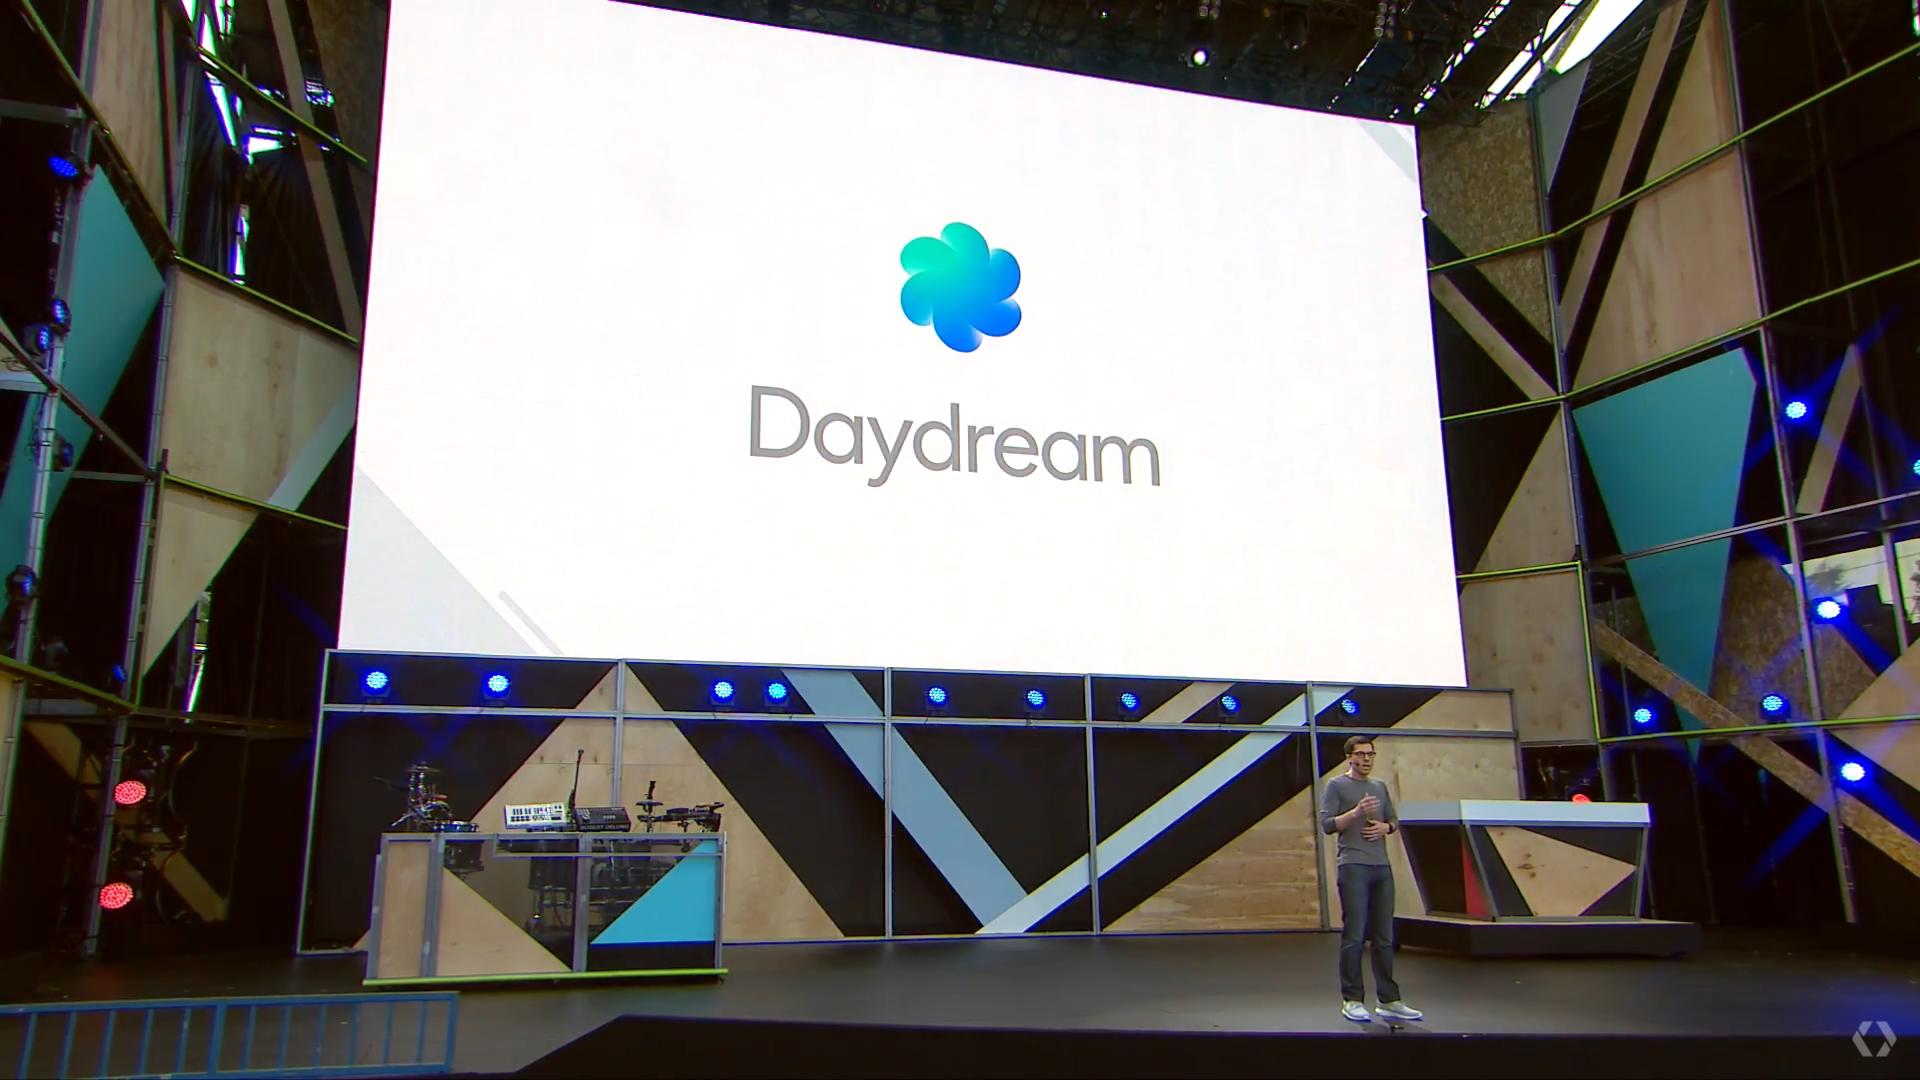 Daydream represents the future of mobile VR.